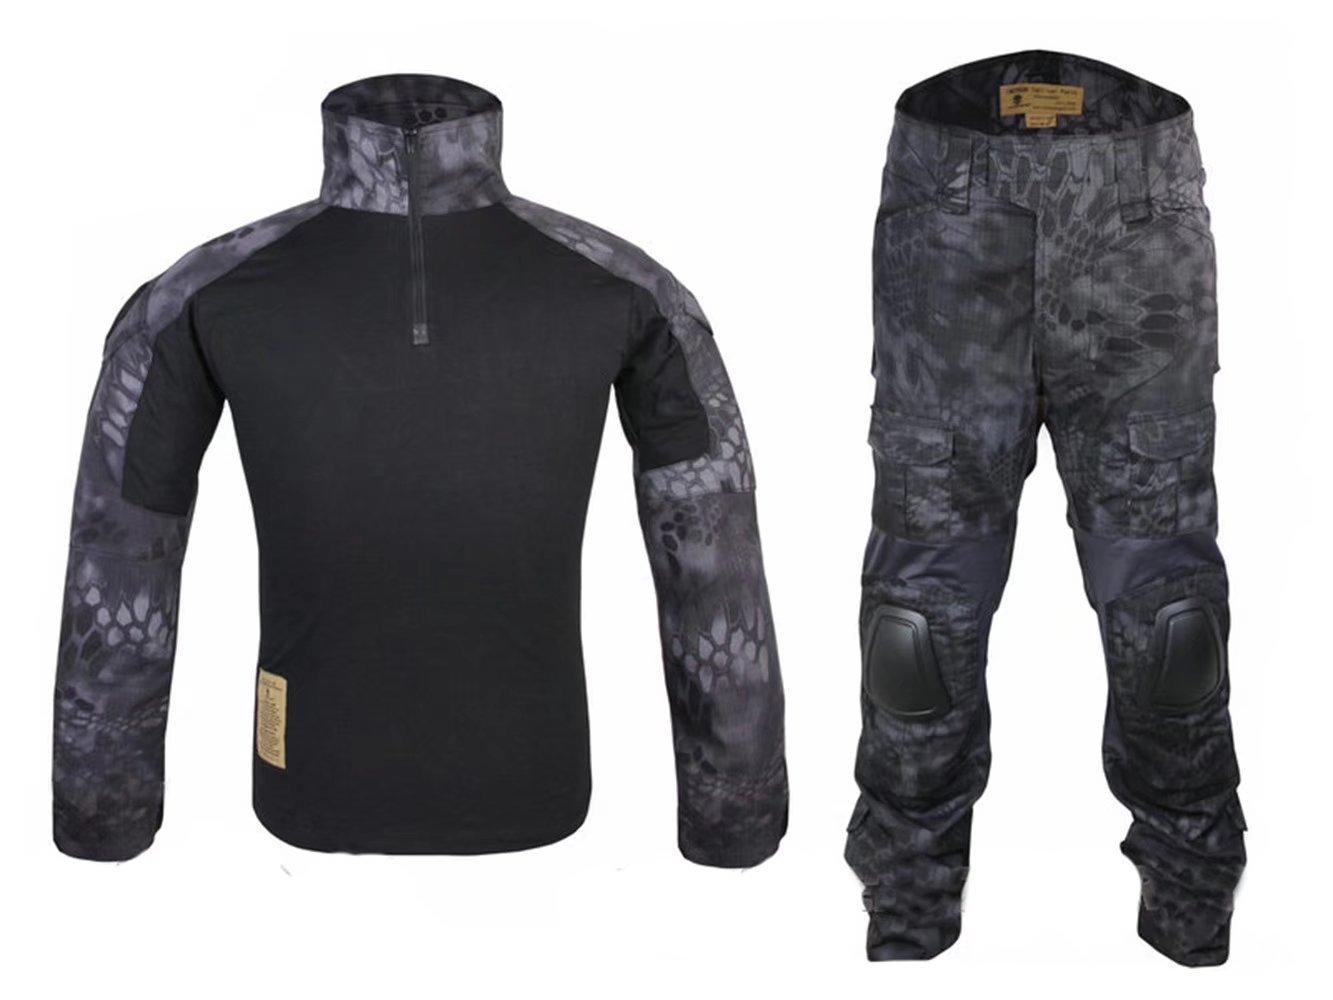 WorldShopping4U Herren Army Military Softair Paintball Kriegsspiele und Shooting Gen2 G2 Tactical BDU Combat Uniform Hemd & Hose Anzug Mit Ellenbogenschützer & Knie Pads